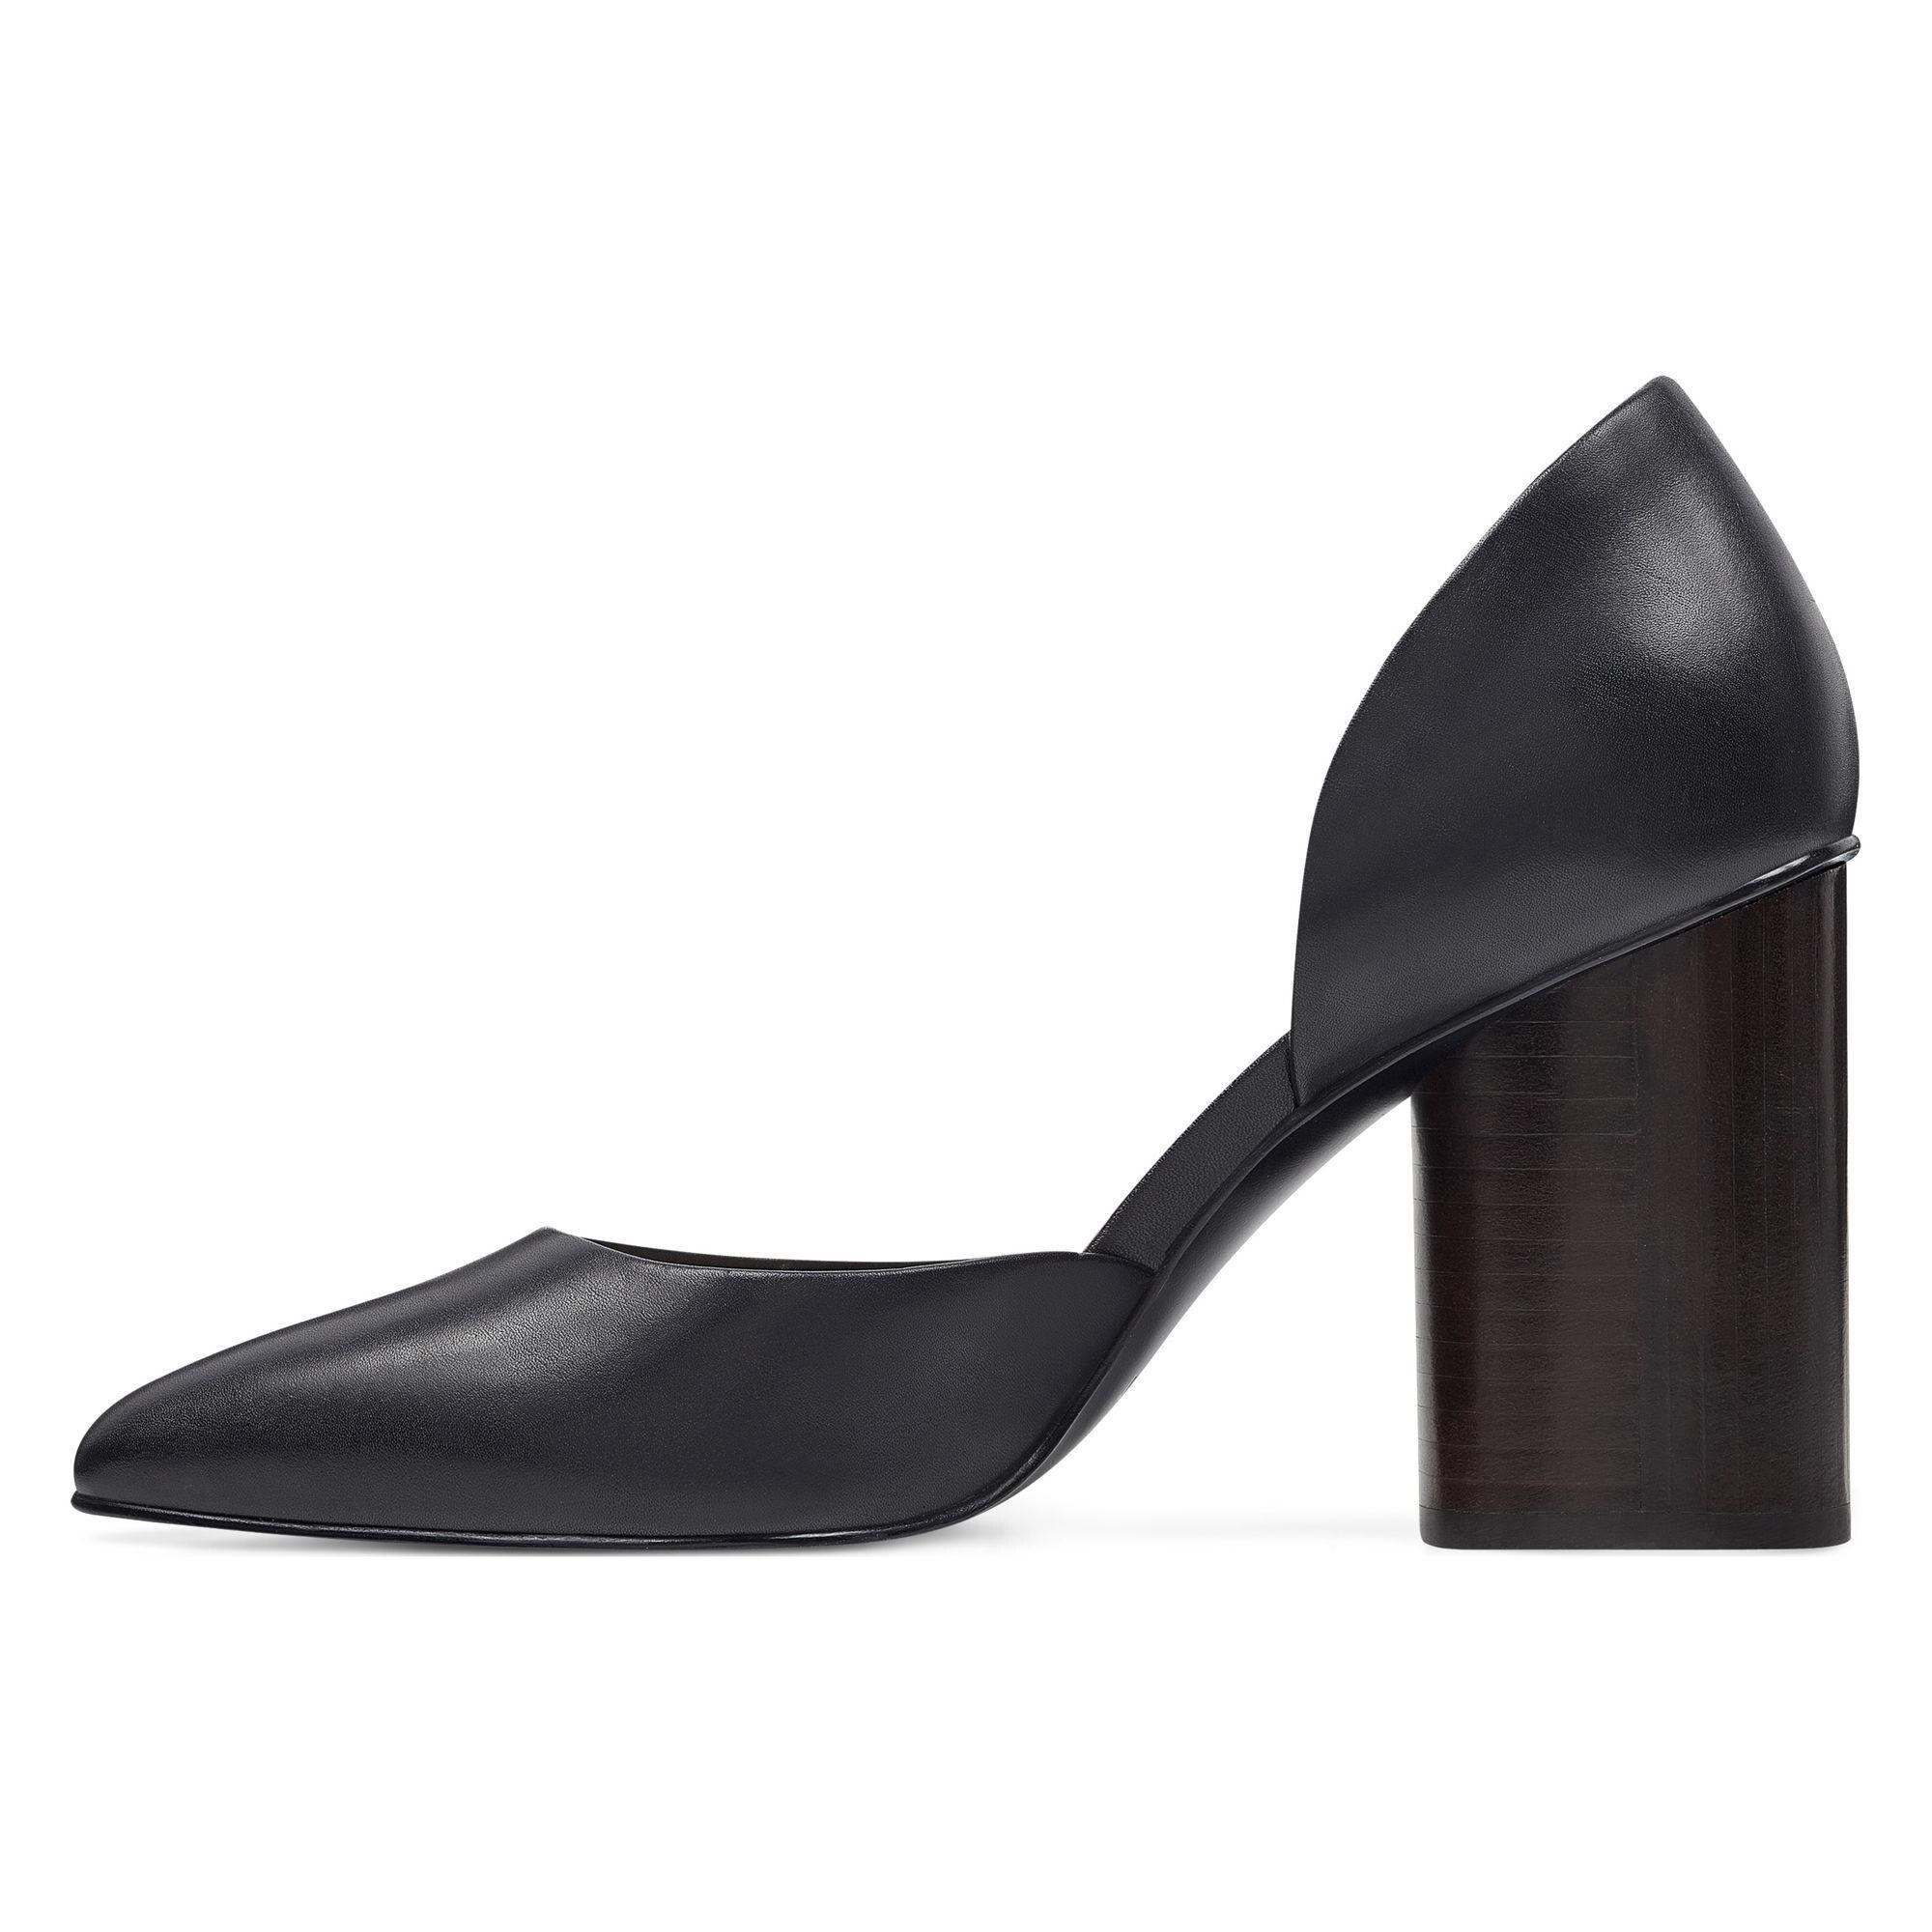 48c509be51ad Nine West Women s Shoes